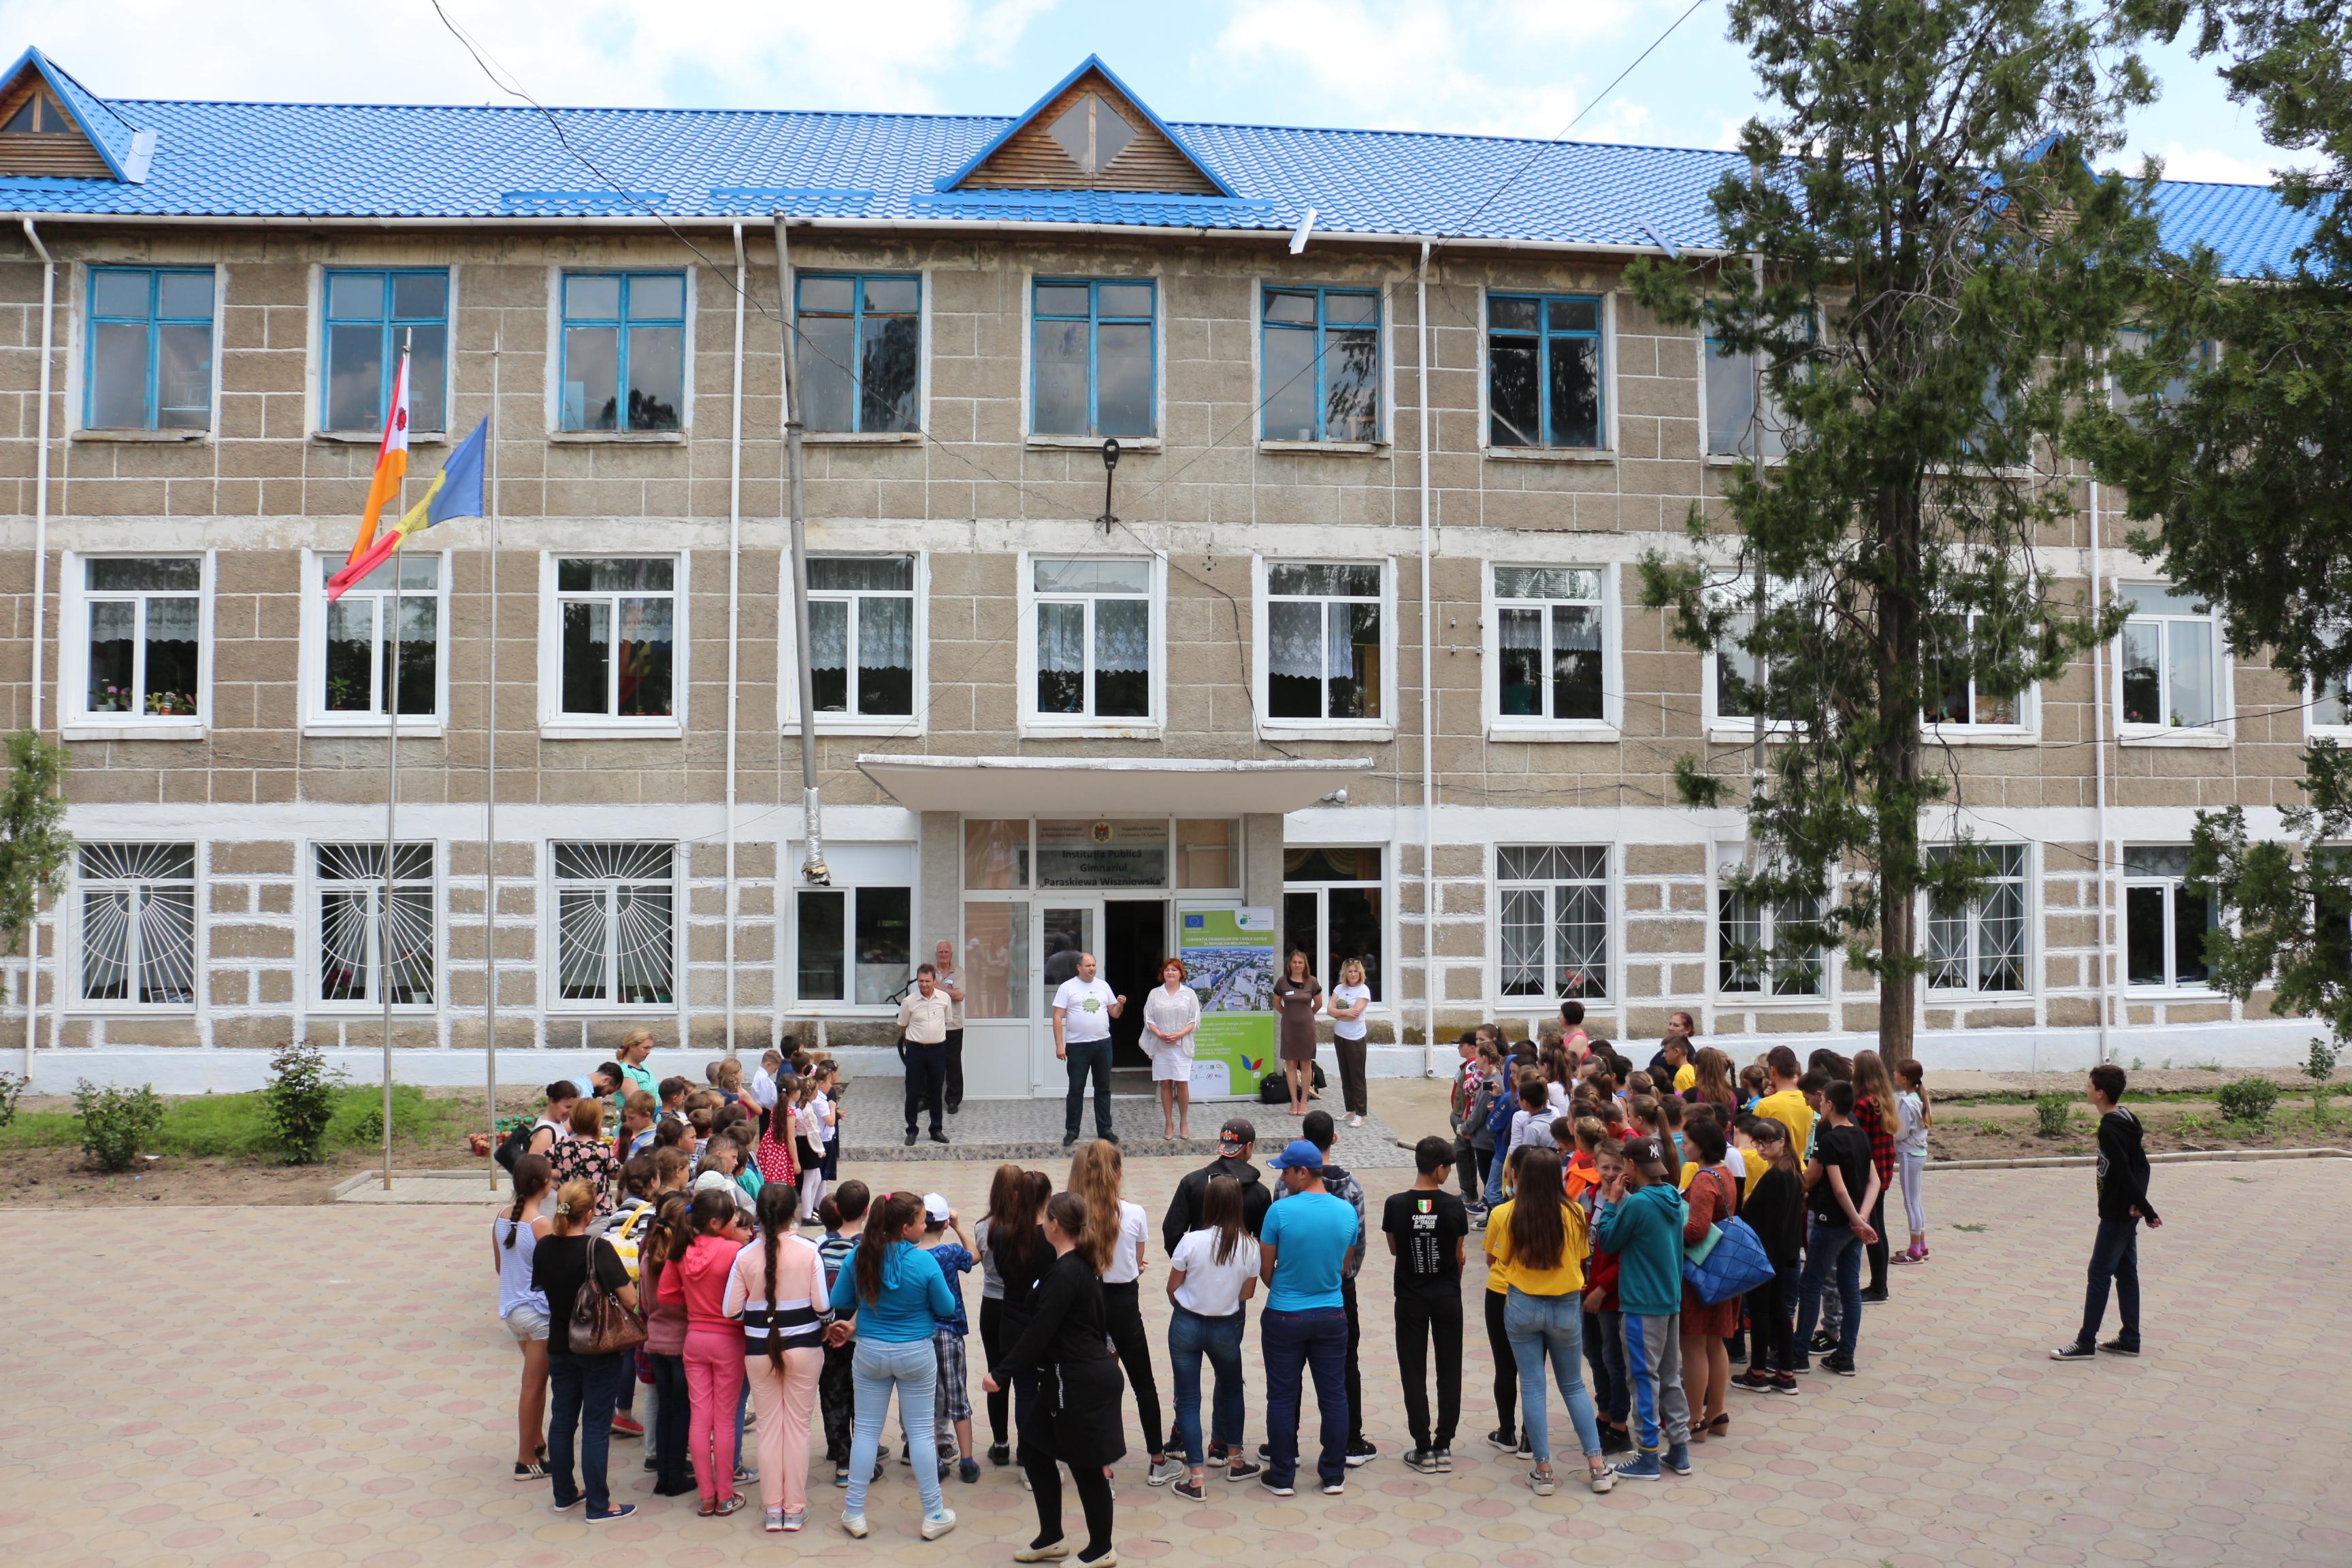 Ziua Energiei în satul Vișniovca, raionul Cantemir. 29 mai, 2019